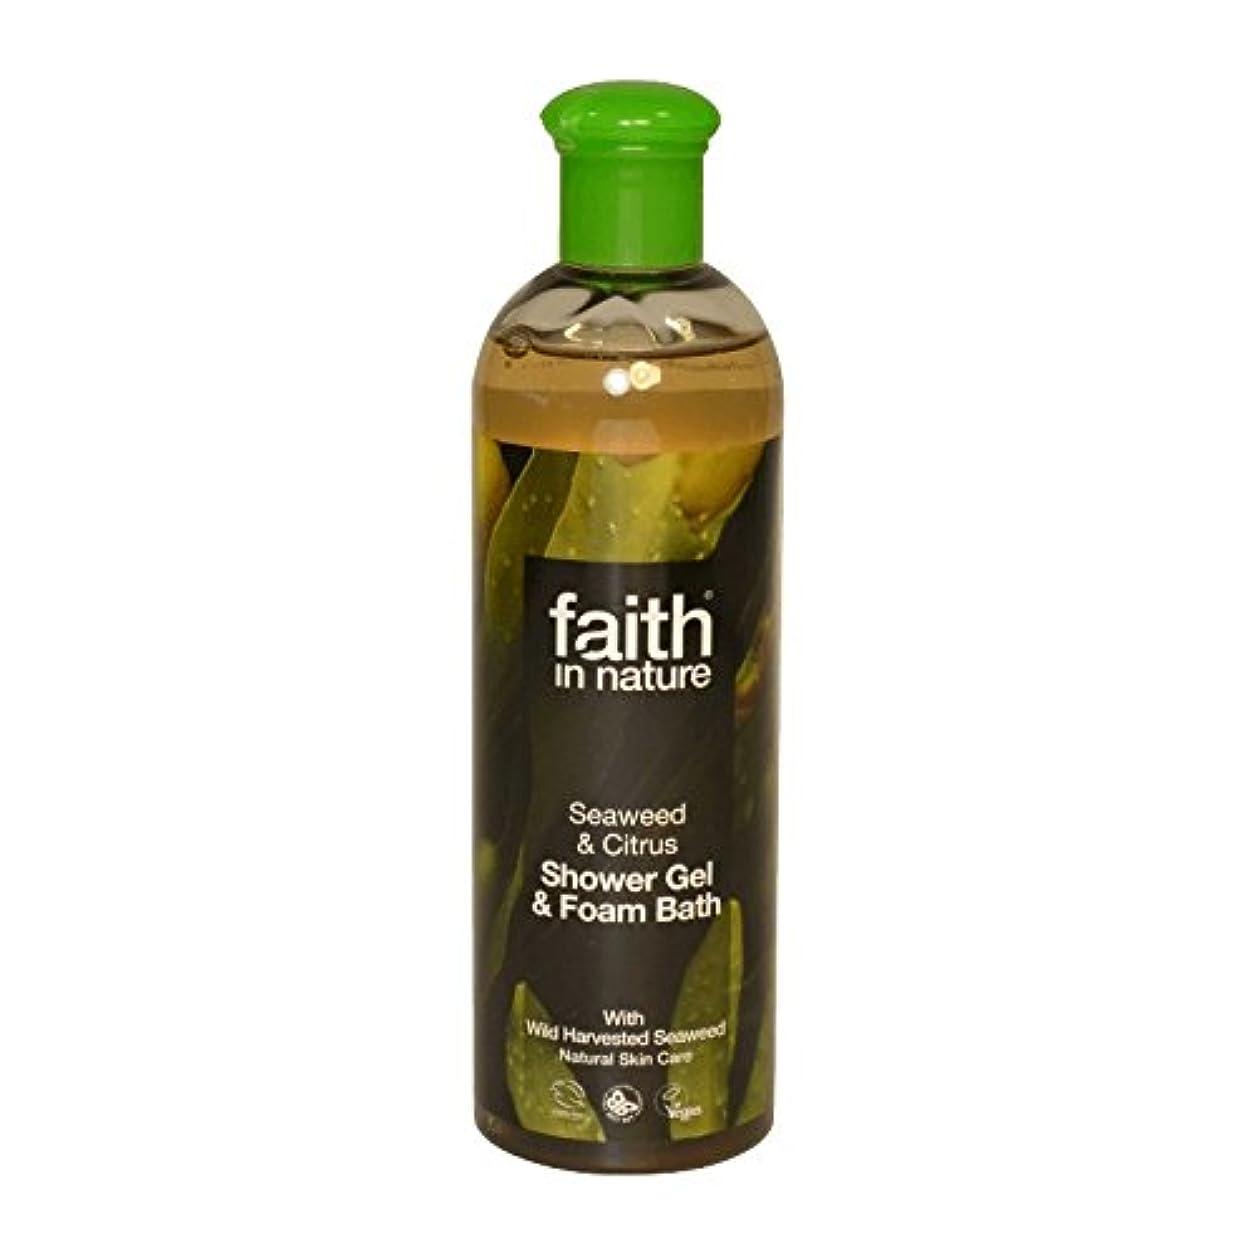 やろう平和的ドール自然の海藻&シトラスシャワージェル&バス泡400ミリリットルの信仰 - Faith in Nature Seaweed & Citrus Shower Gel & Bath Foam 400ml (Faith in Nature...